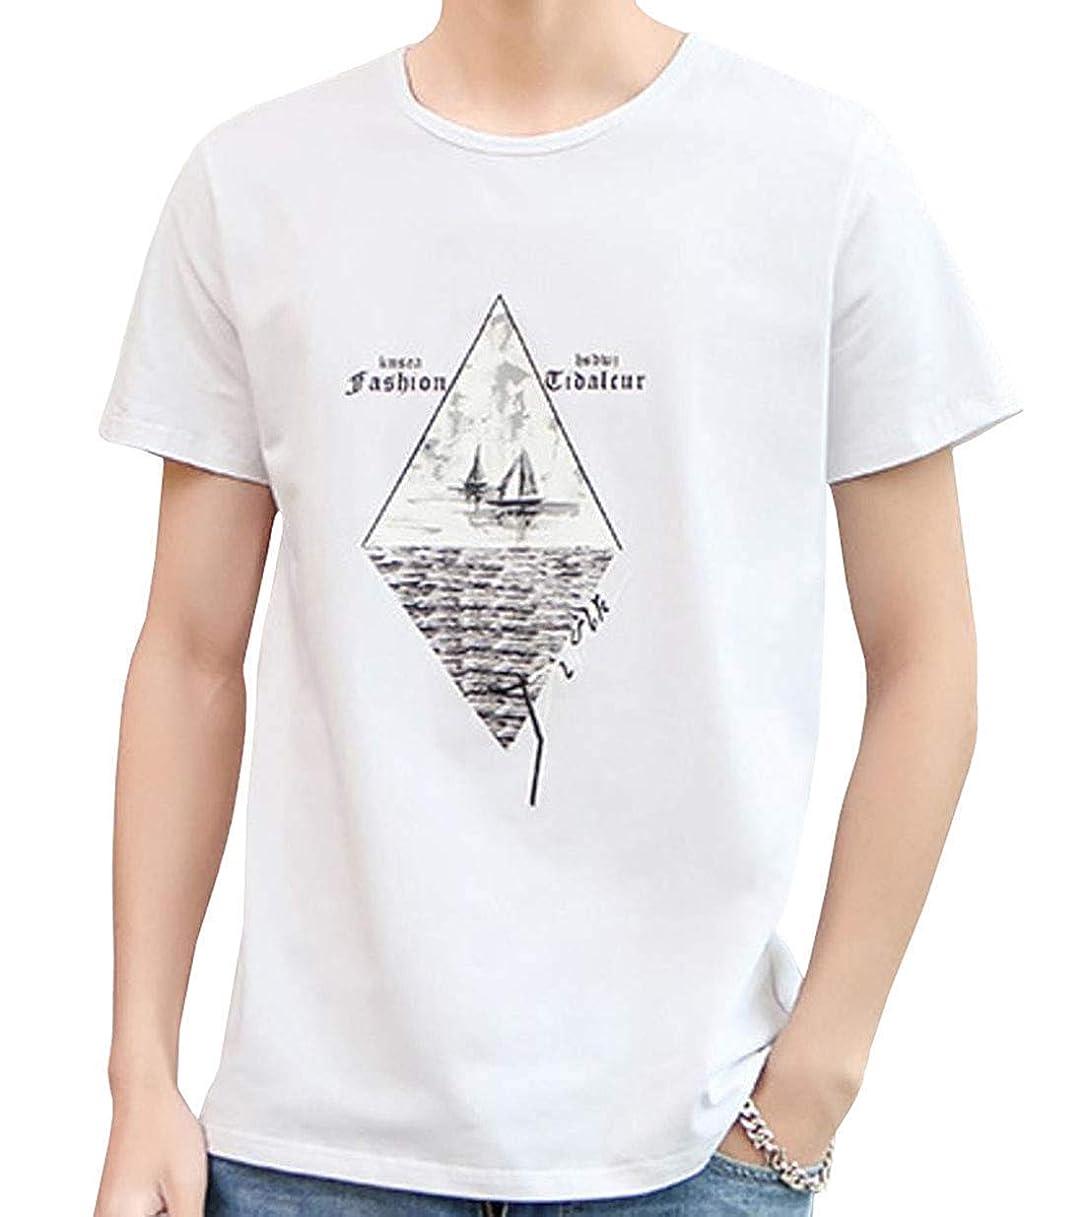 香り認識出来事[ Smaids x Smile (スマイズ スマイル) ] トップス Tシャツ 半袖 涼 薄 おしゃれ プリント カジュアル クルー メンズ